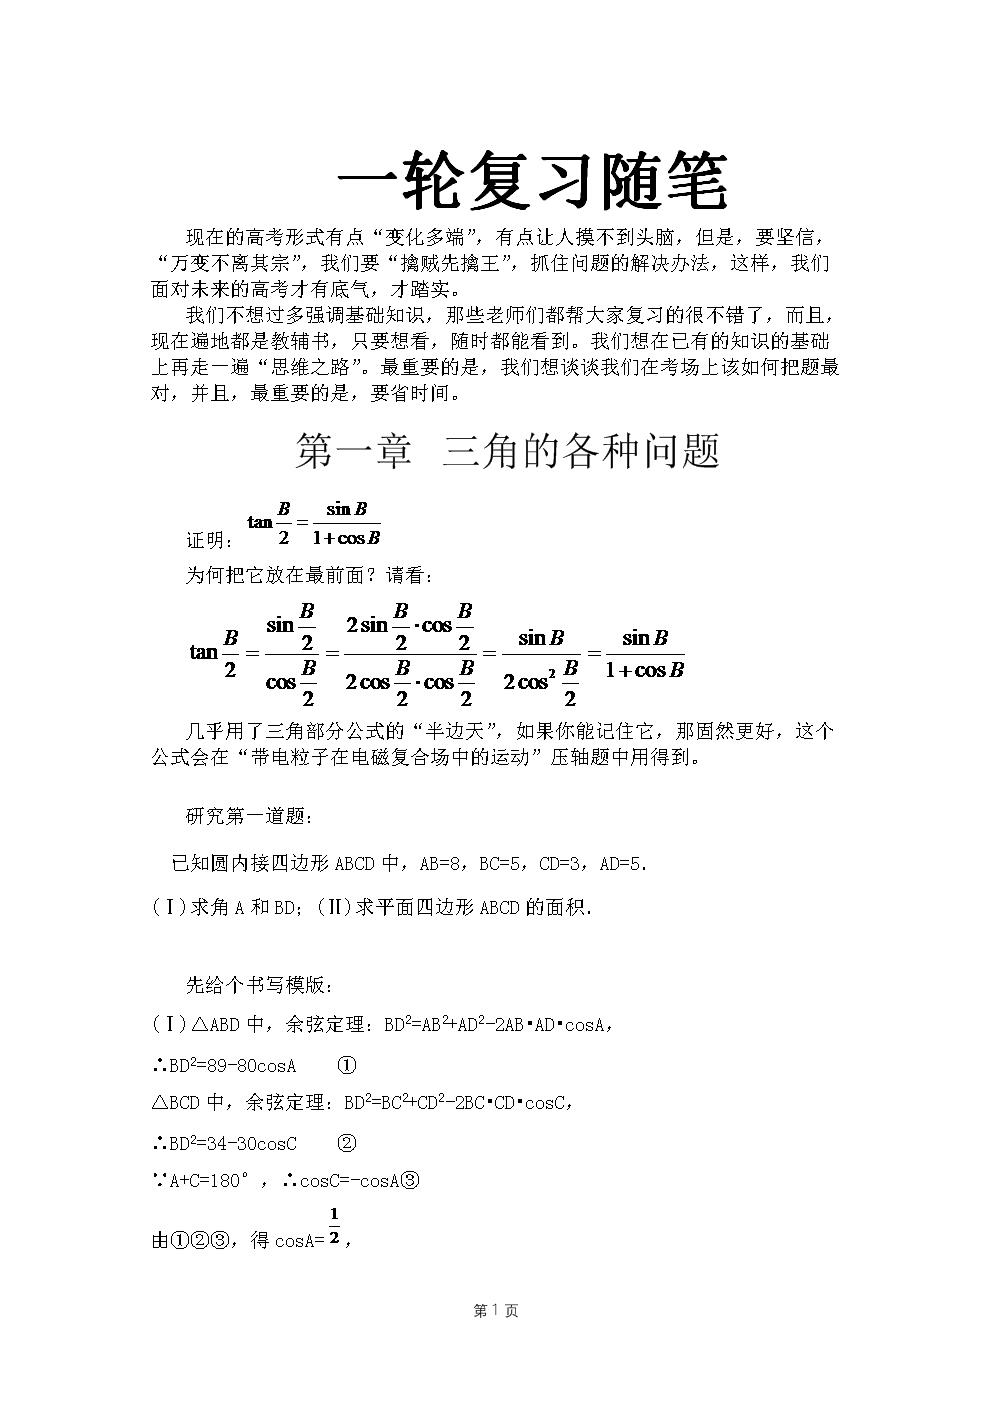 【施鵬毅原創】高考數學一輪復習隨筆.docx